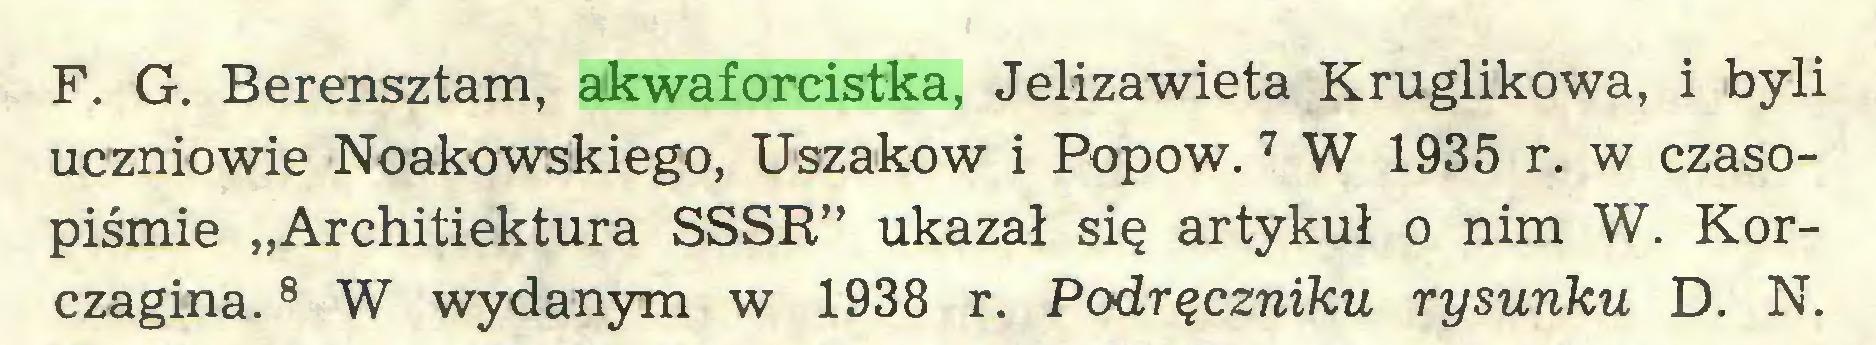 """(...) F. G. Berensztam, akwaforcistka, Jelizawieta Kruglikowa, i byli uczniowie Noakowskiego, Uszakow i Popow. 7 W 1935 r. w czasopiśmie """"Architiektura SSSR"""" ukazał się artykuł o nim W. Korczagina.8 W wydanym w 1938 r. Podręczniku rysunku D. N..."""